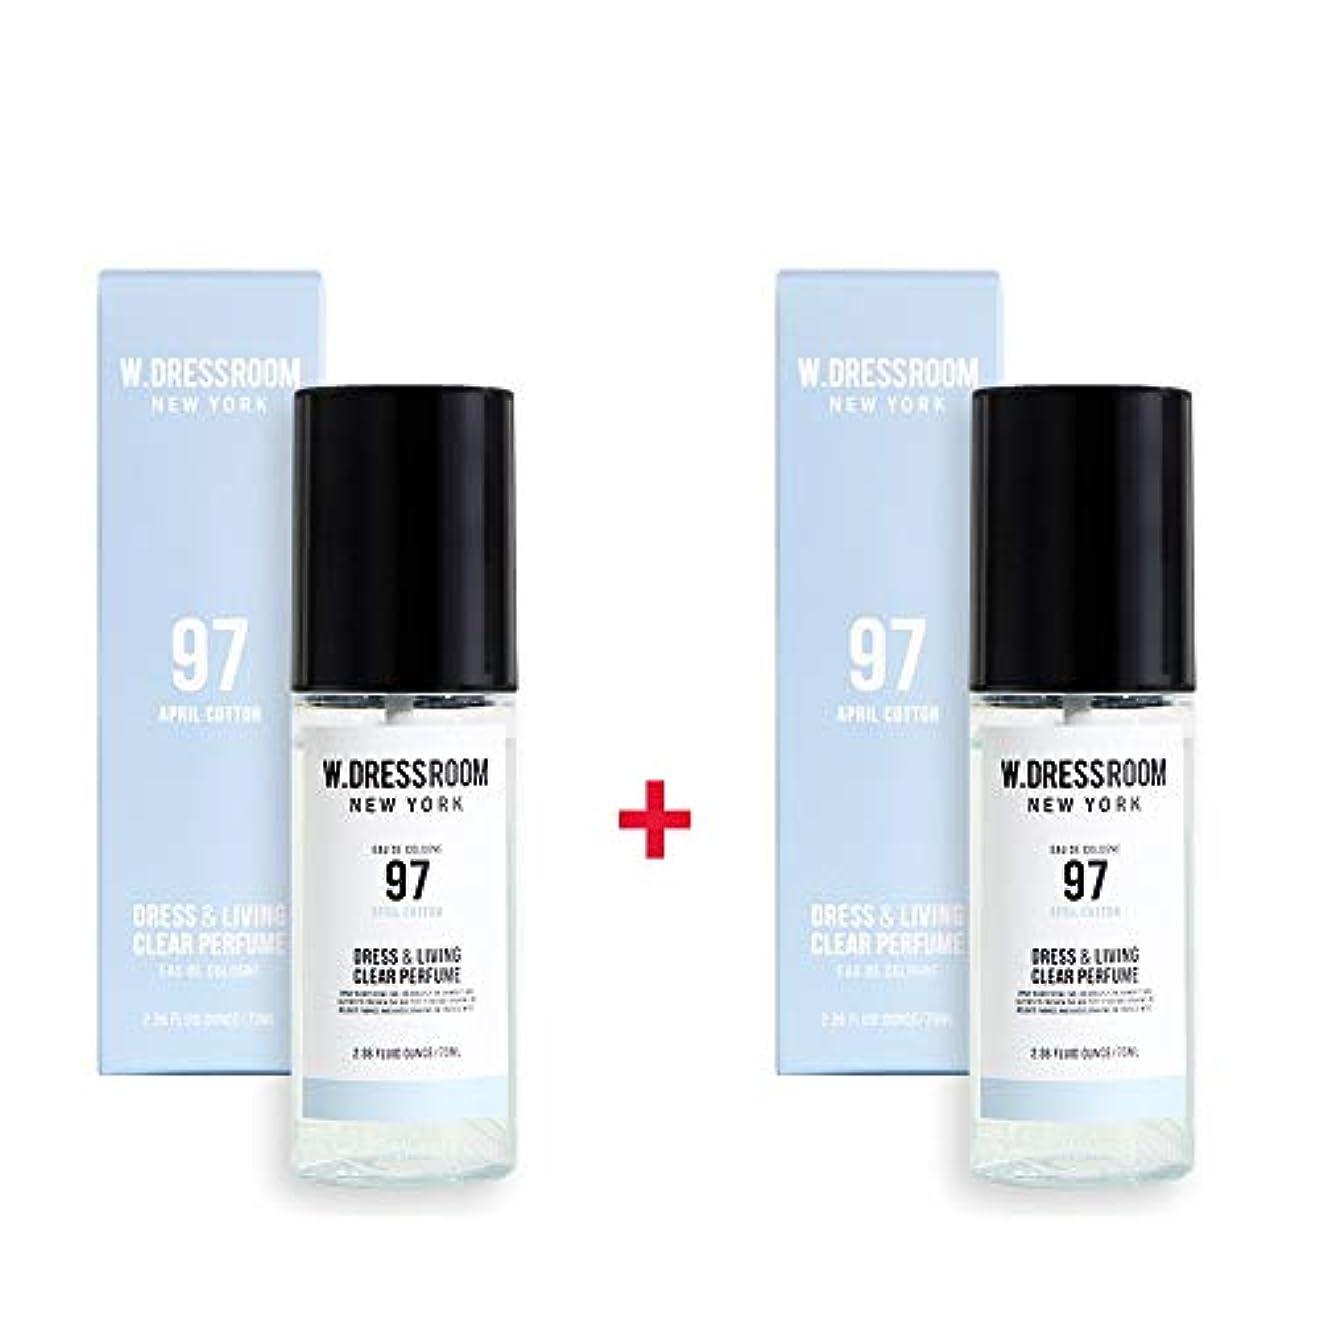 完全に達成可能失業者W.DRESSROOM Dress & Living Clear Perfume 70ml (No 97 April Cotton)+(No 97 April Cotton)